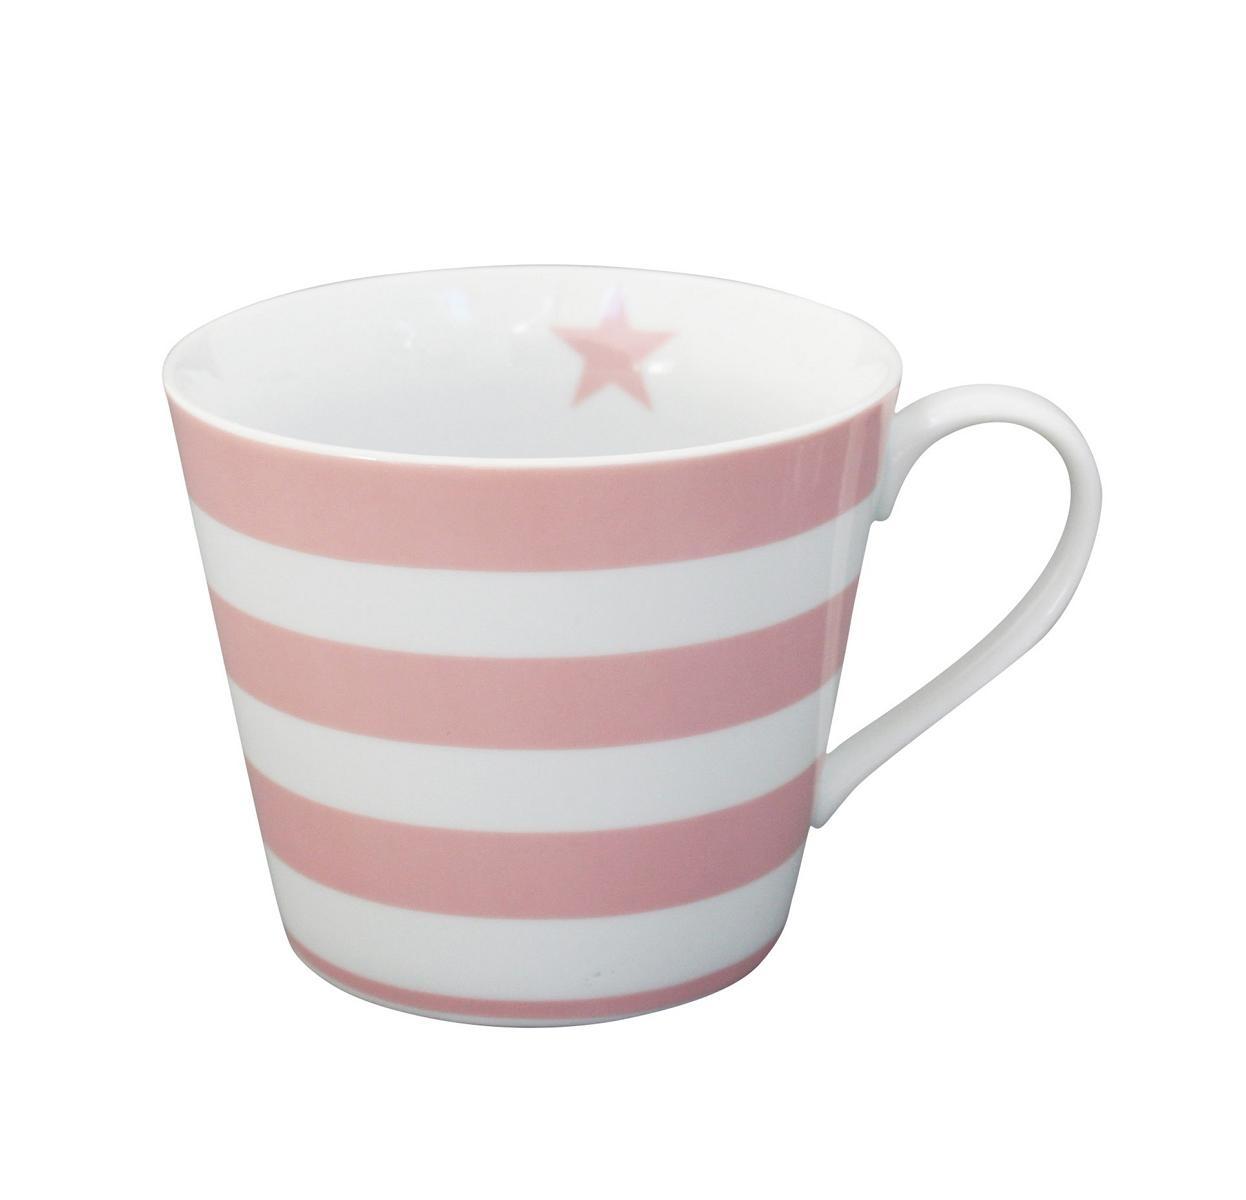 Krasilnikoff Tasse Cup Streifen